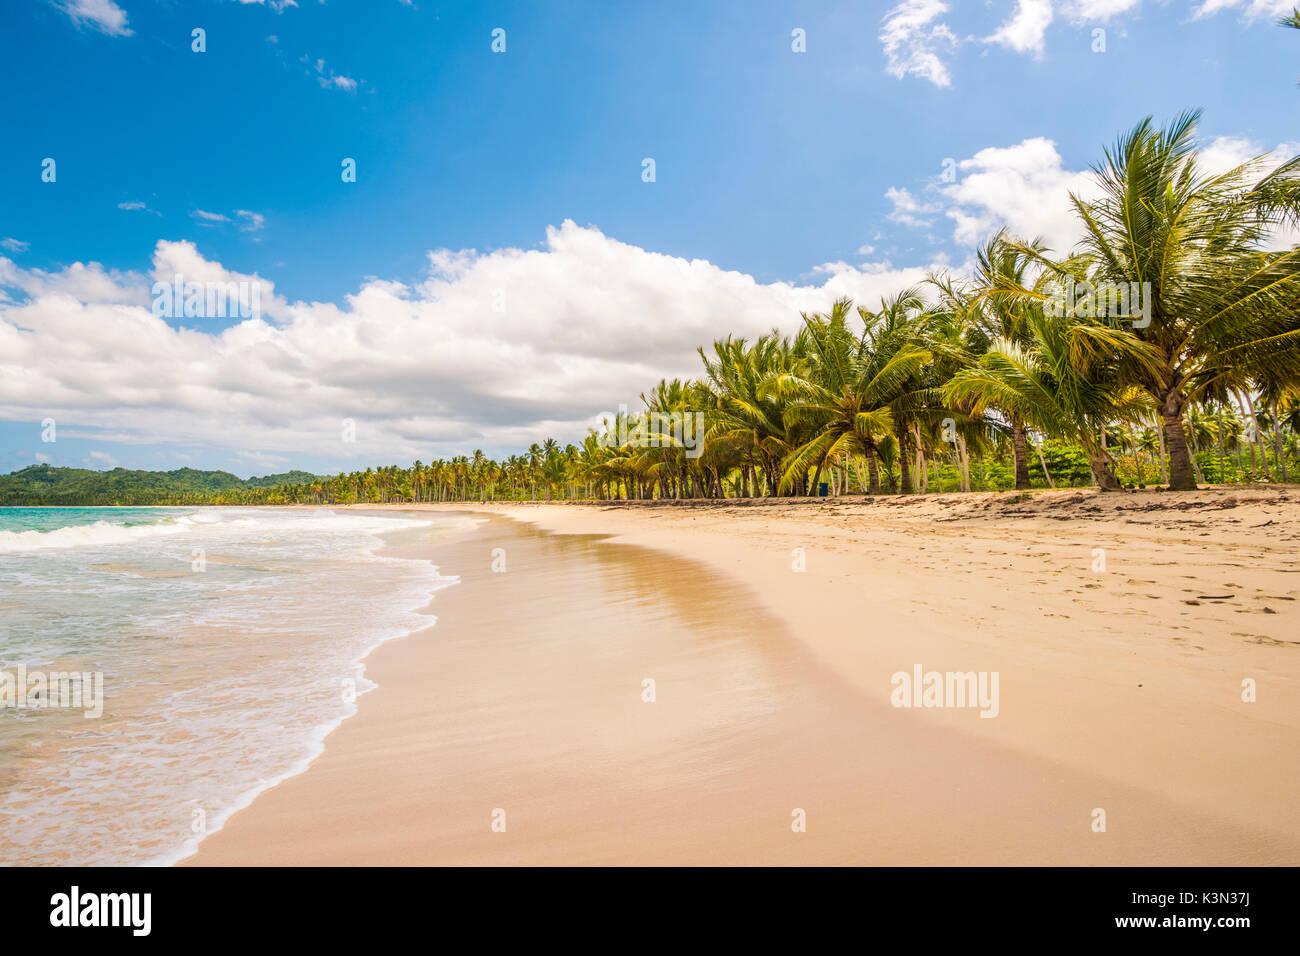 Playa Rincón, Península de Samaná, República Dominicana. Imagen De Stock